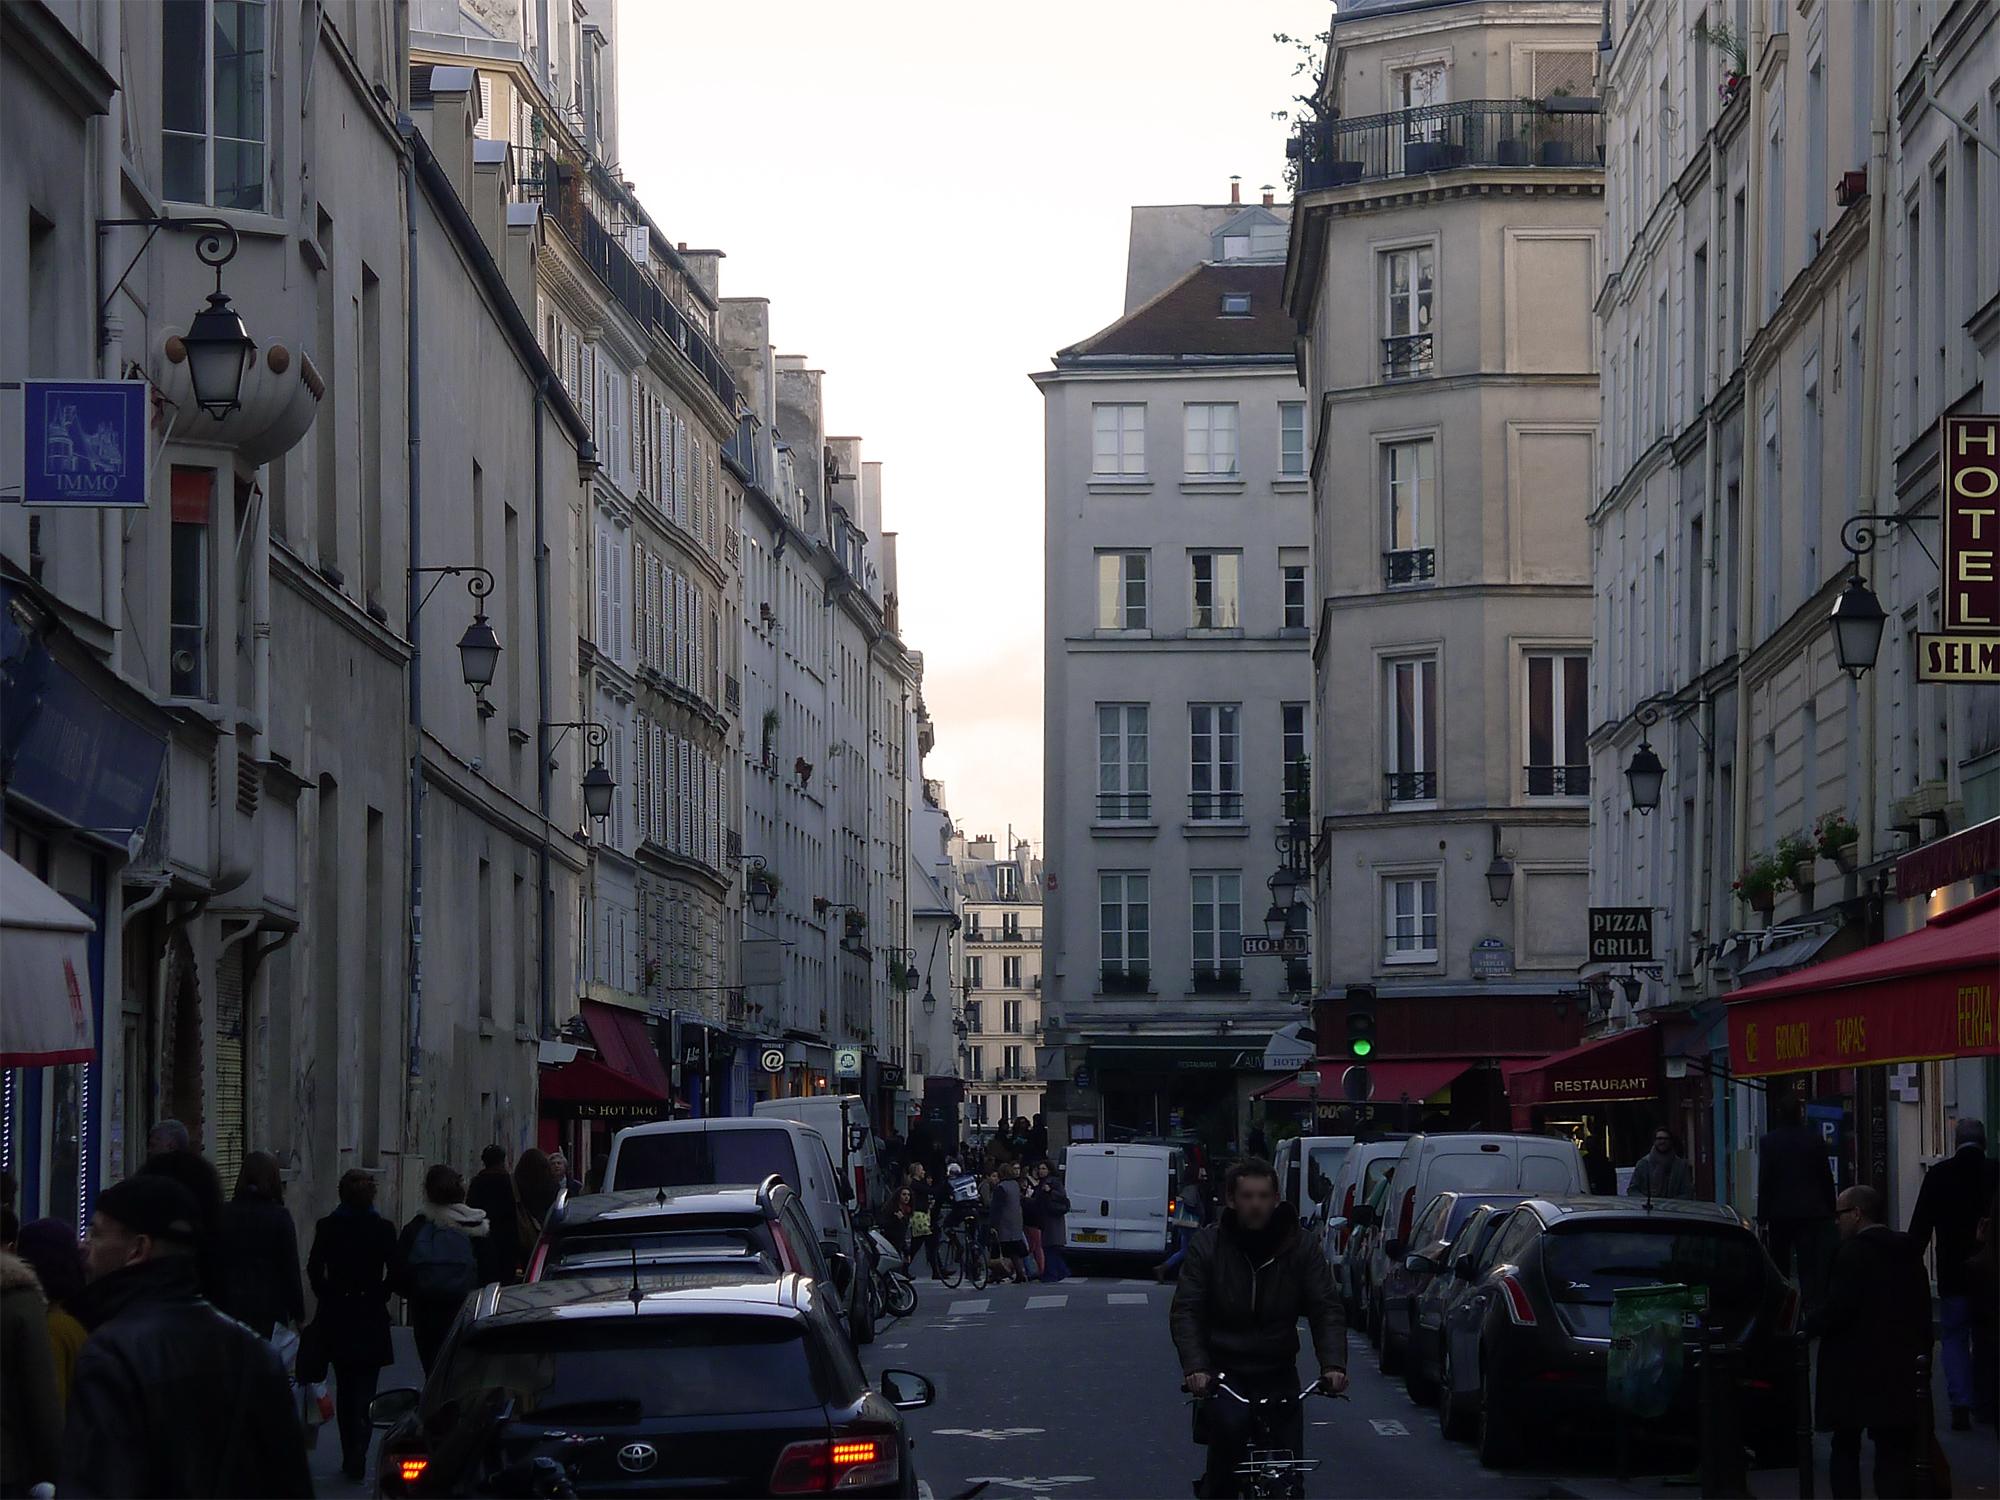 Fichier:P1140556 Paris IV rue du roi de Sicile rwk.jpg — Wikipédia